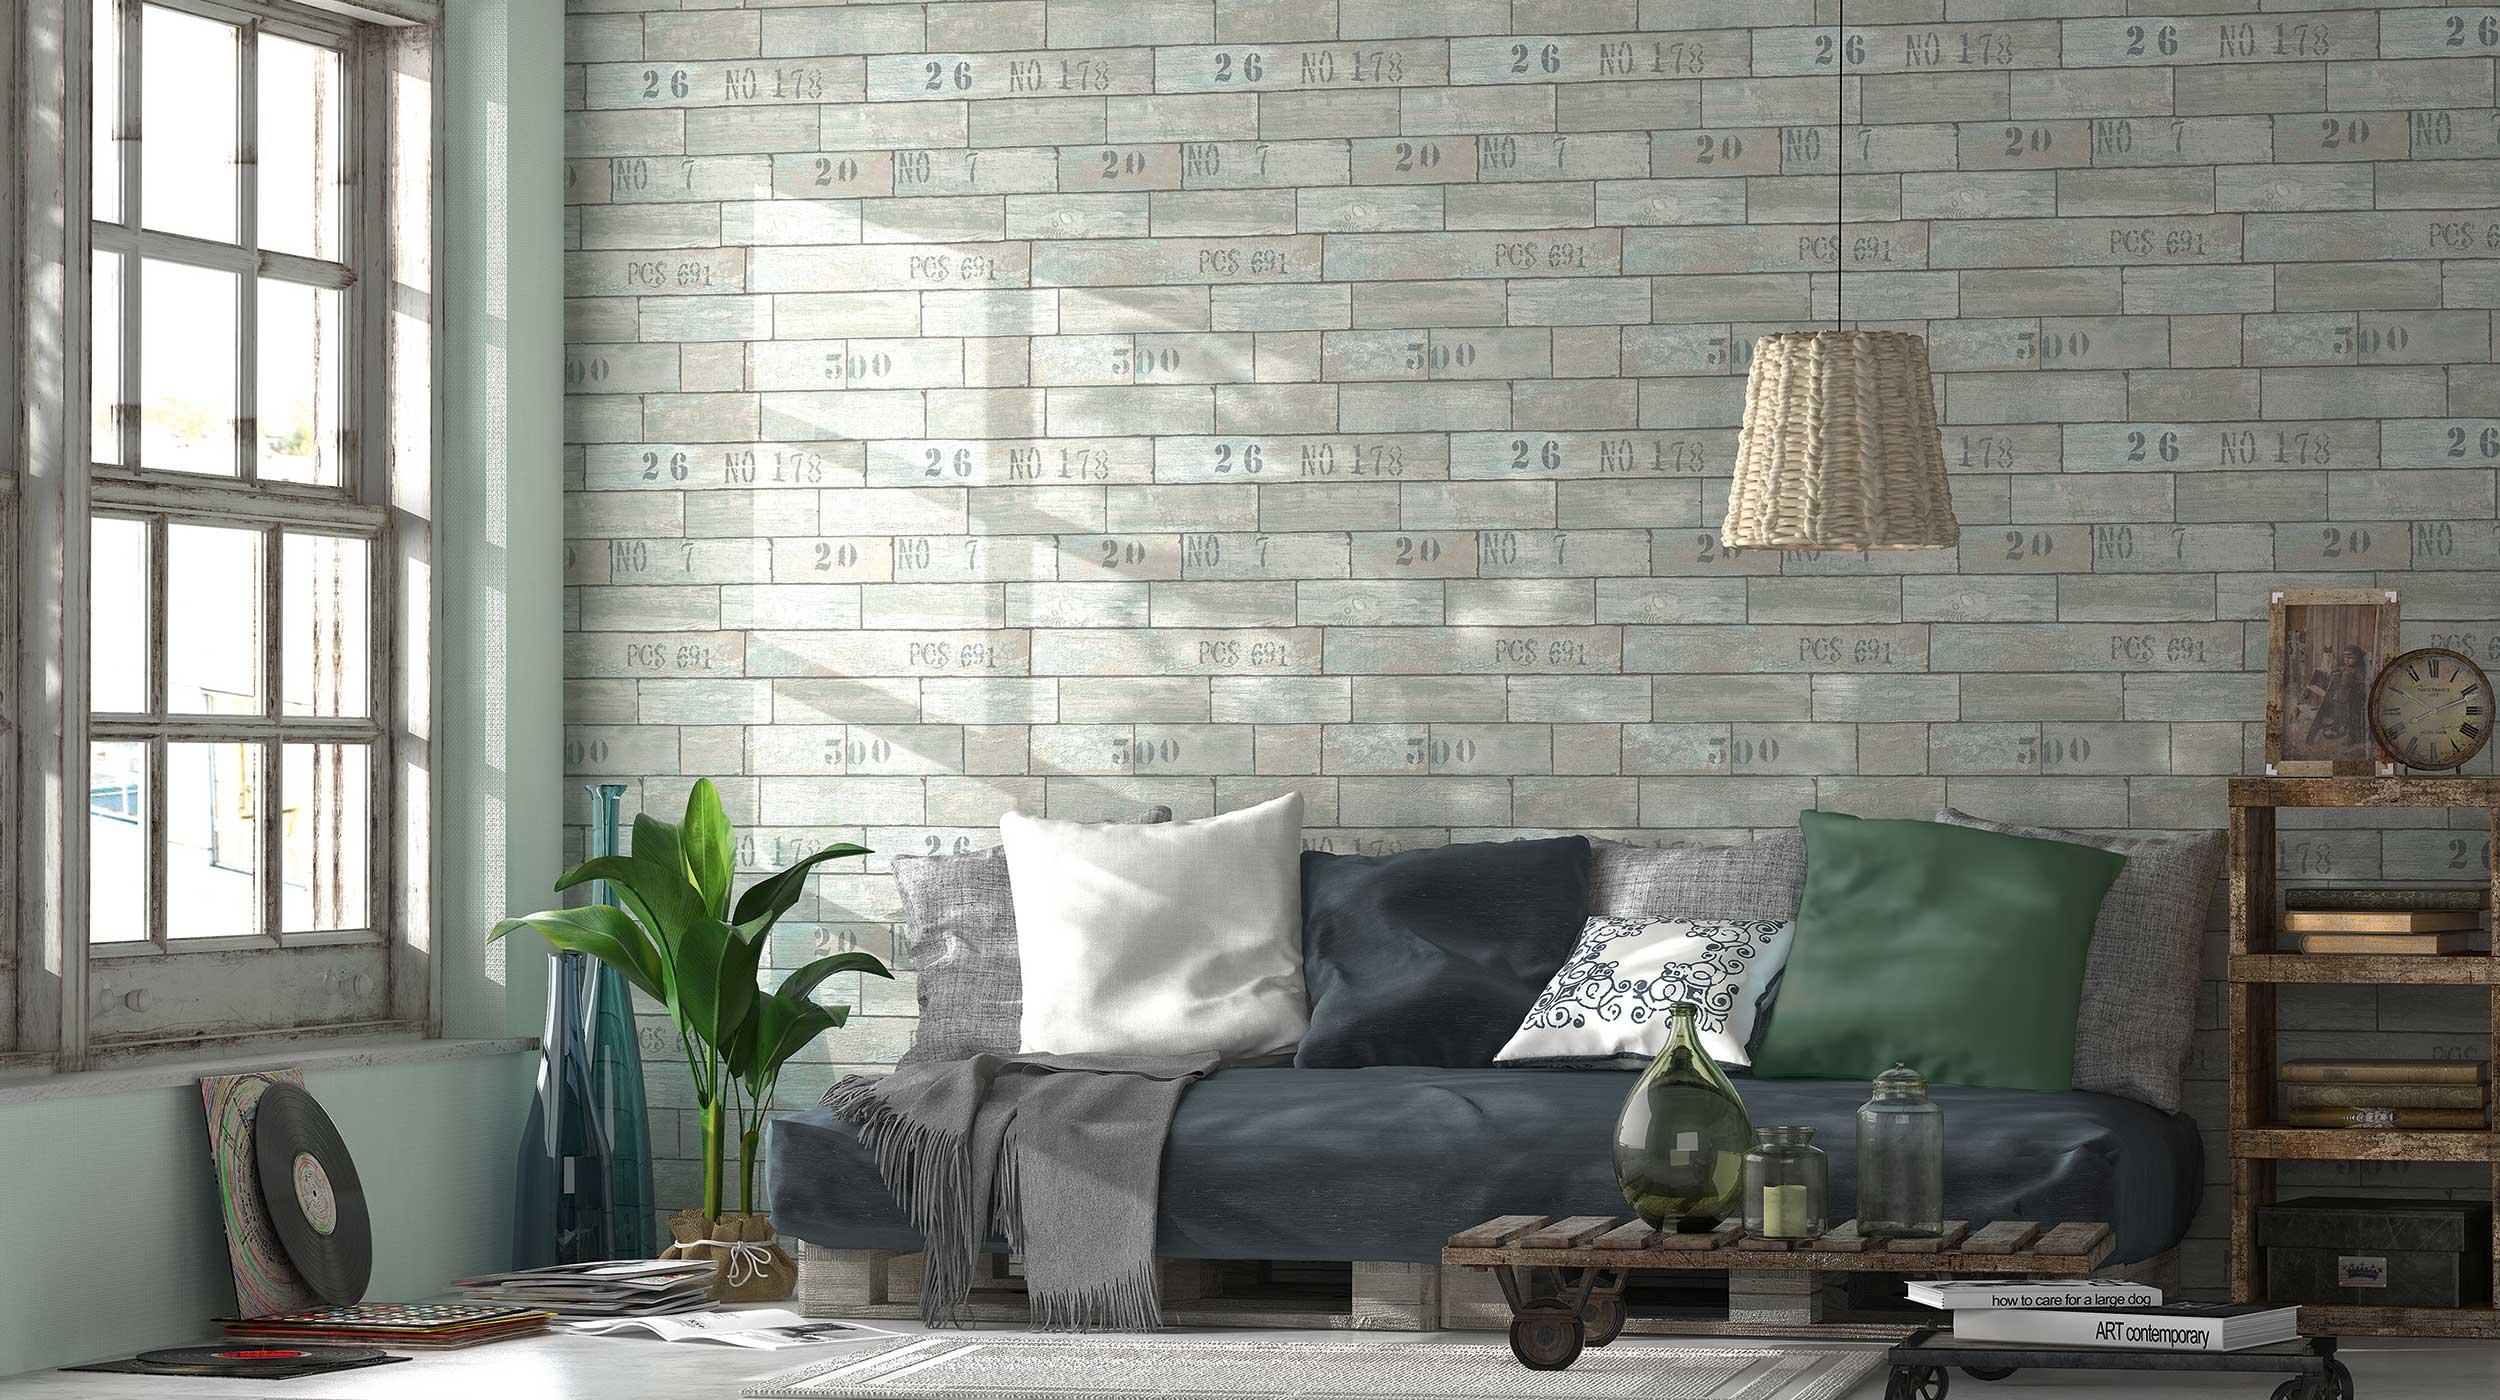 Full Size of Tapeten Trends 2020 Wohnzimmer Deckenleuchte Beleuchtung Kamin Stehlampen Tischlampe Sessel Großes Bild Deckenlampen Für Decke Die Küche Fototapeten Wohnzimmer Tapeten Trends 2020 Wohnzimmer